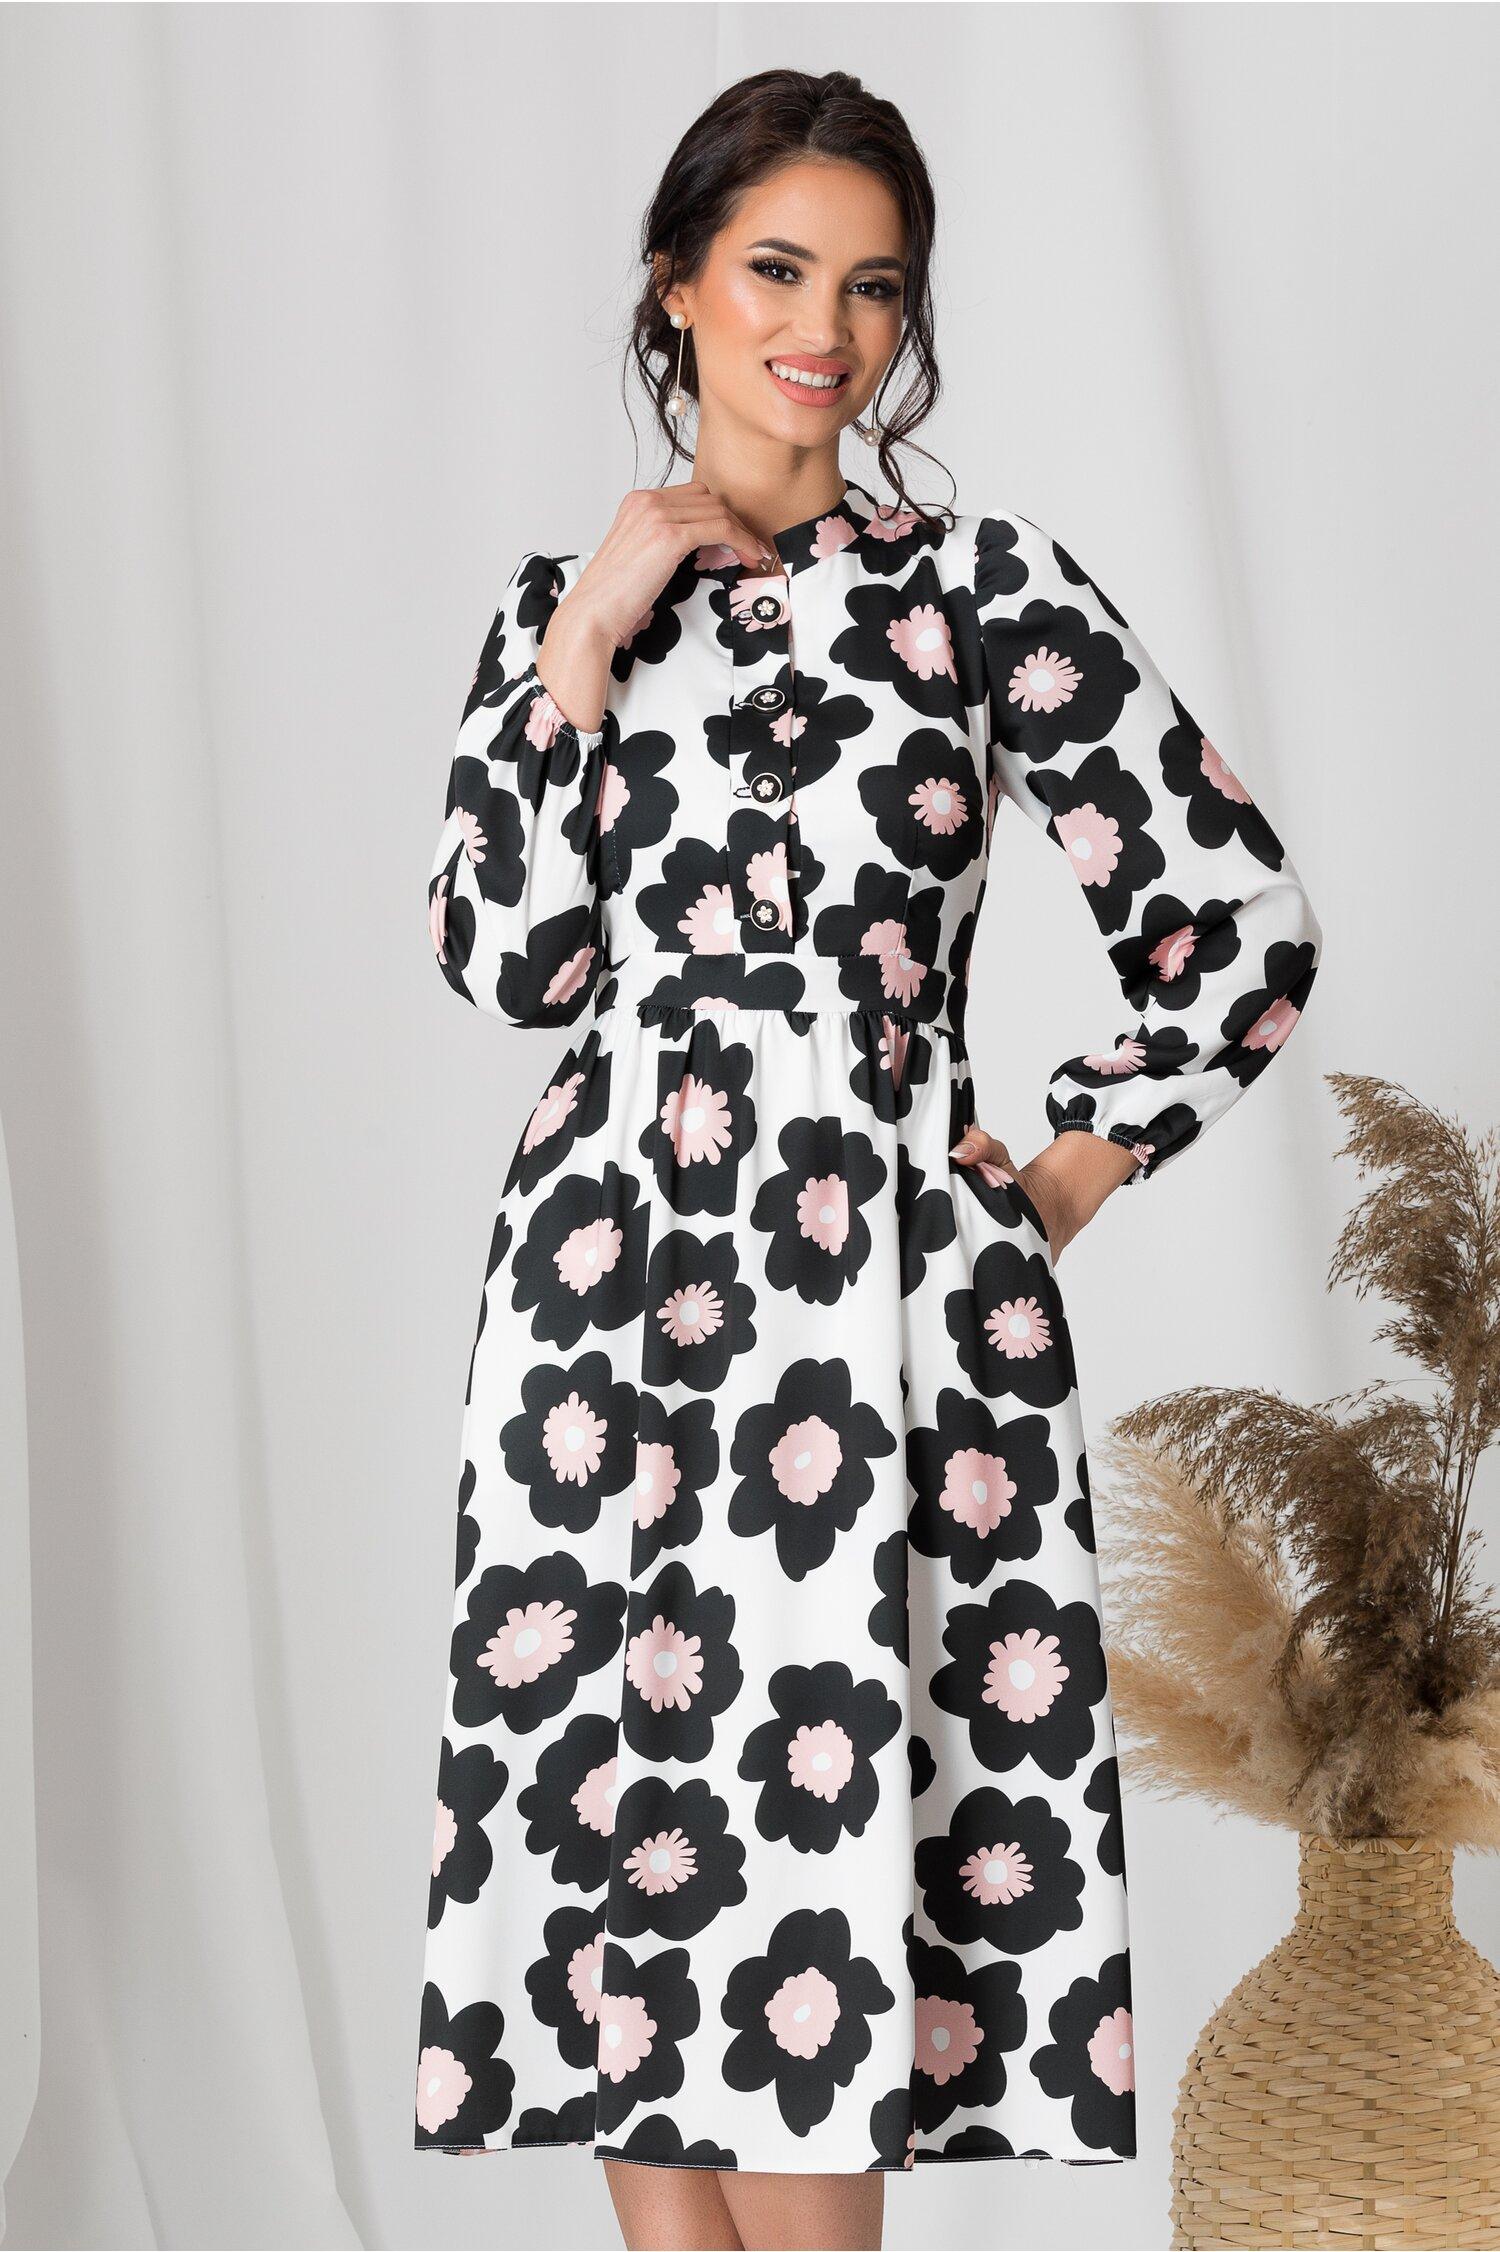 Rochie Moze alba cu imprimeu floral negru si roz